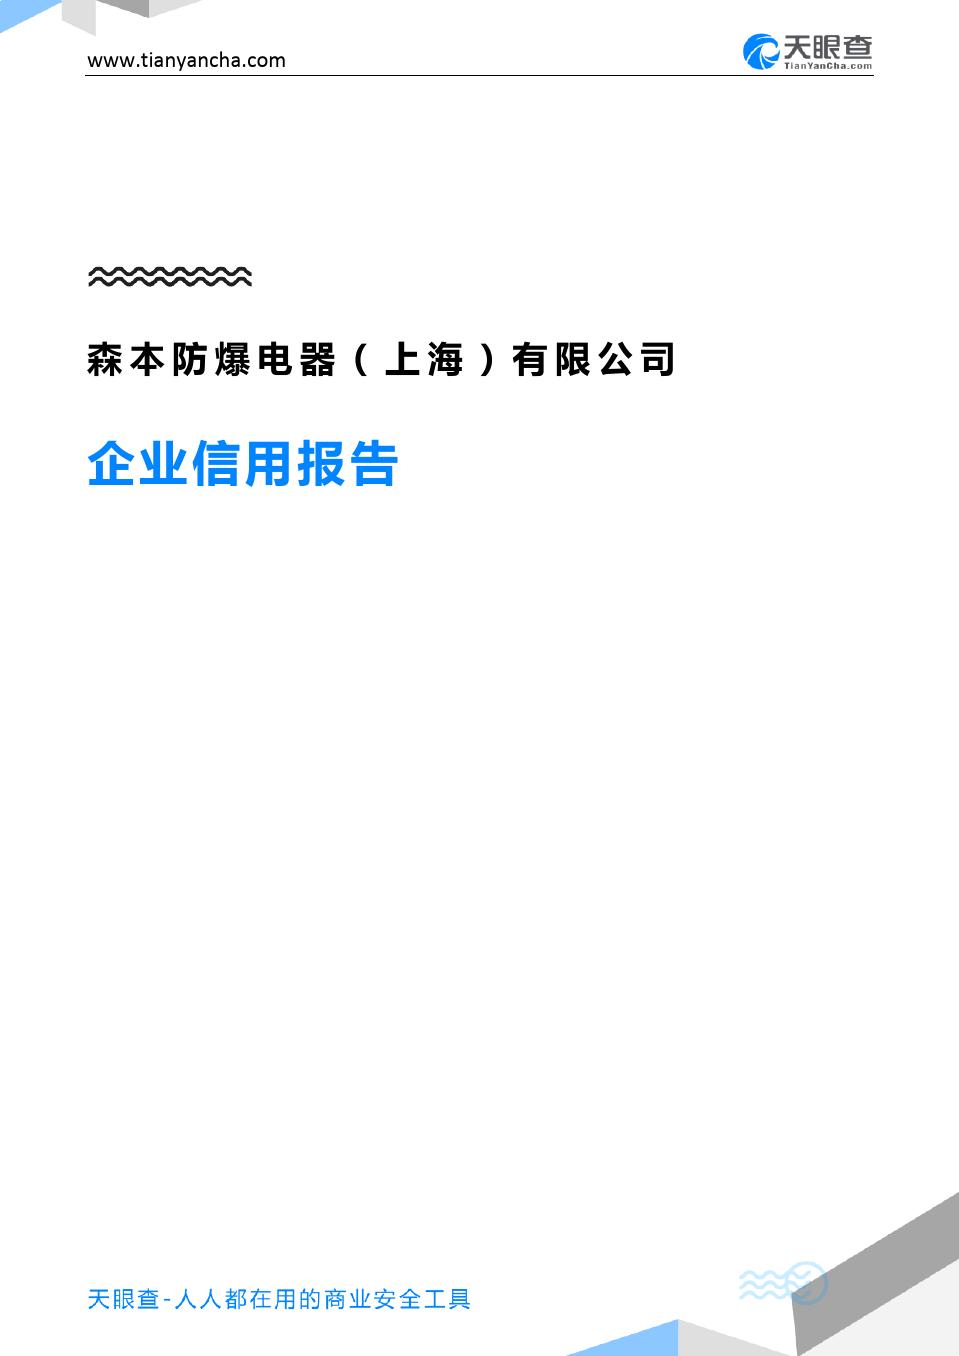 森本防爆电器(上海)有限公司(企业信用报告)- 天眼查